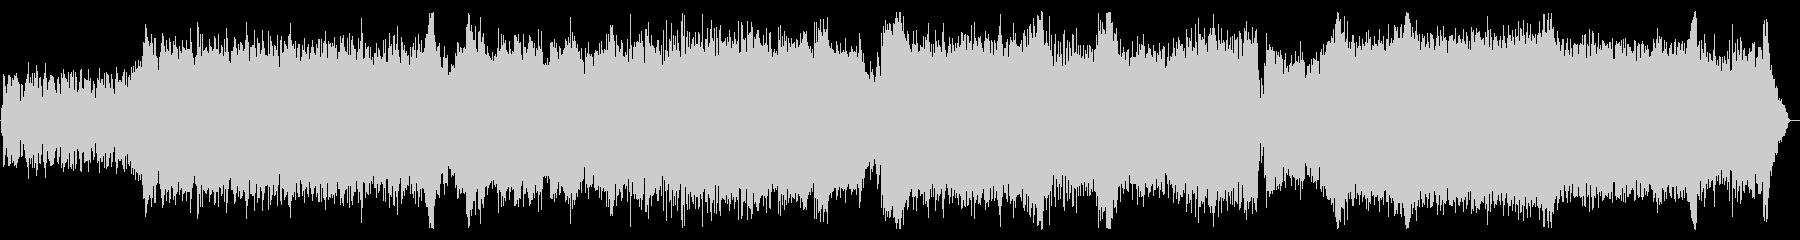 退廃的 美しいメロディ ドラムンベースの未再生の波形